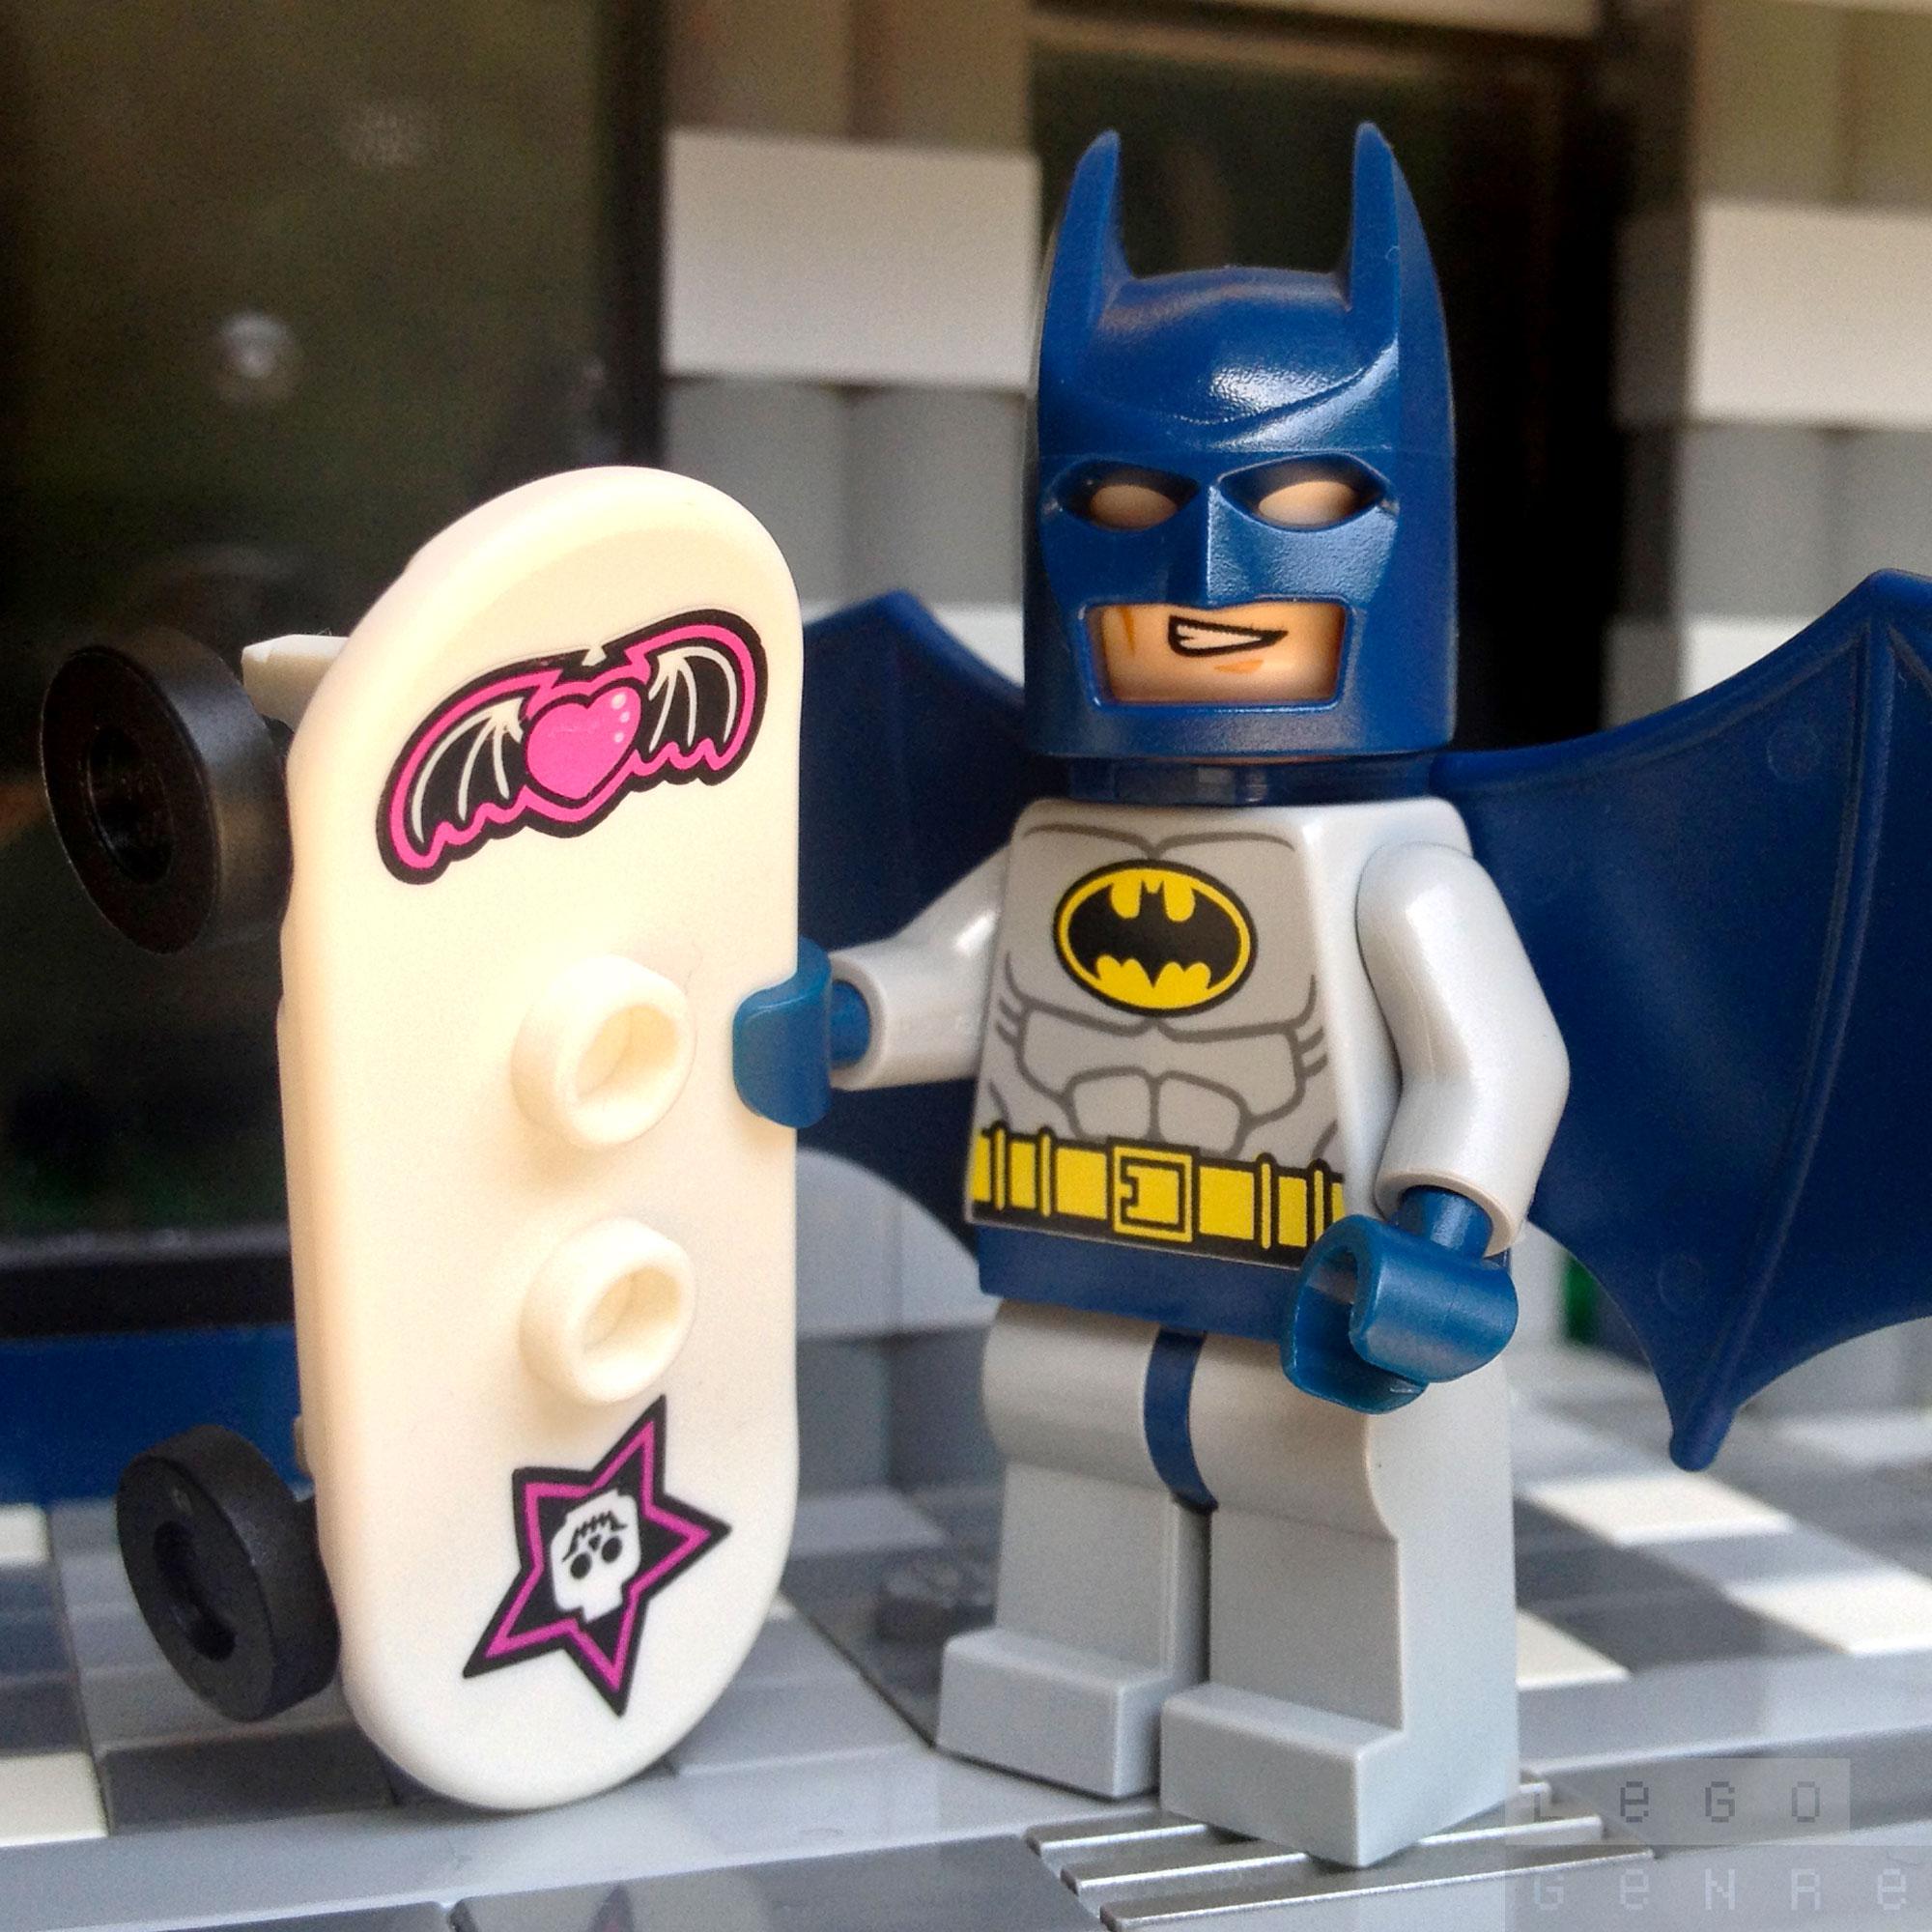 LegoGenre: The Batmobile Lost Its Wheel